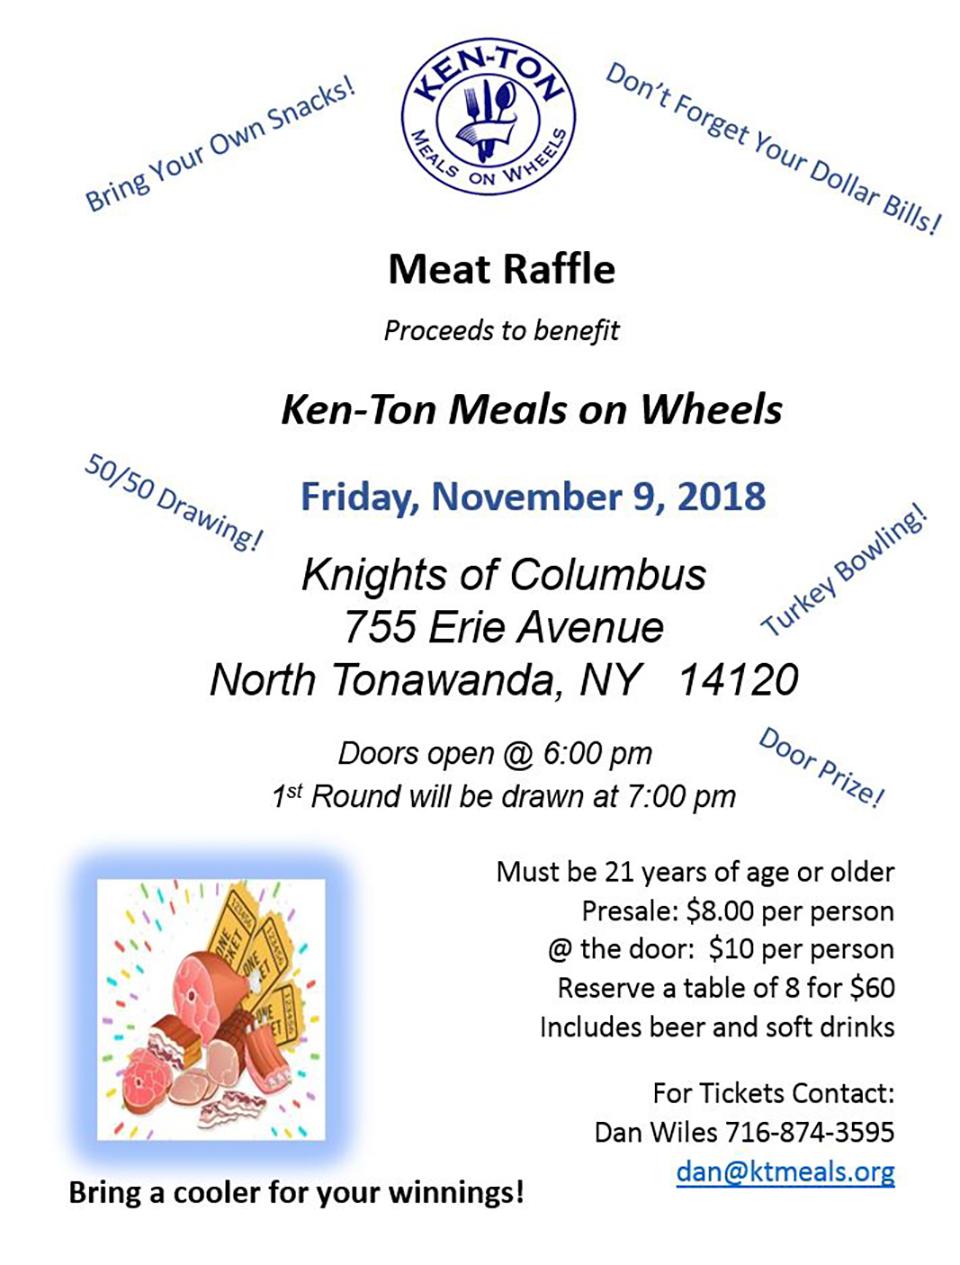 2018 KTMOW Meat Raffle Poster.JPG